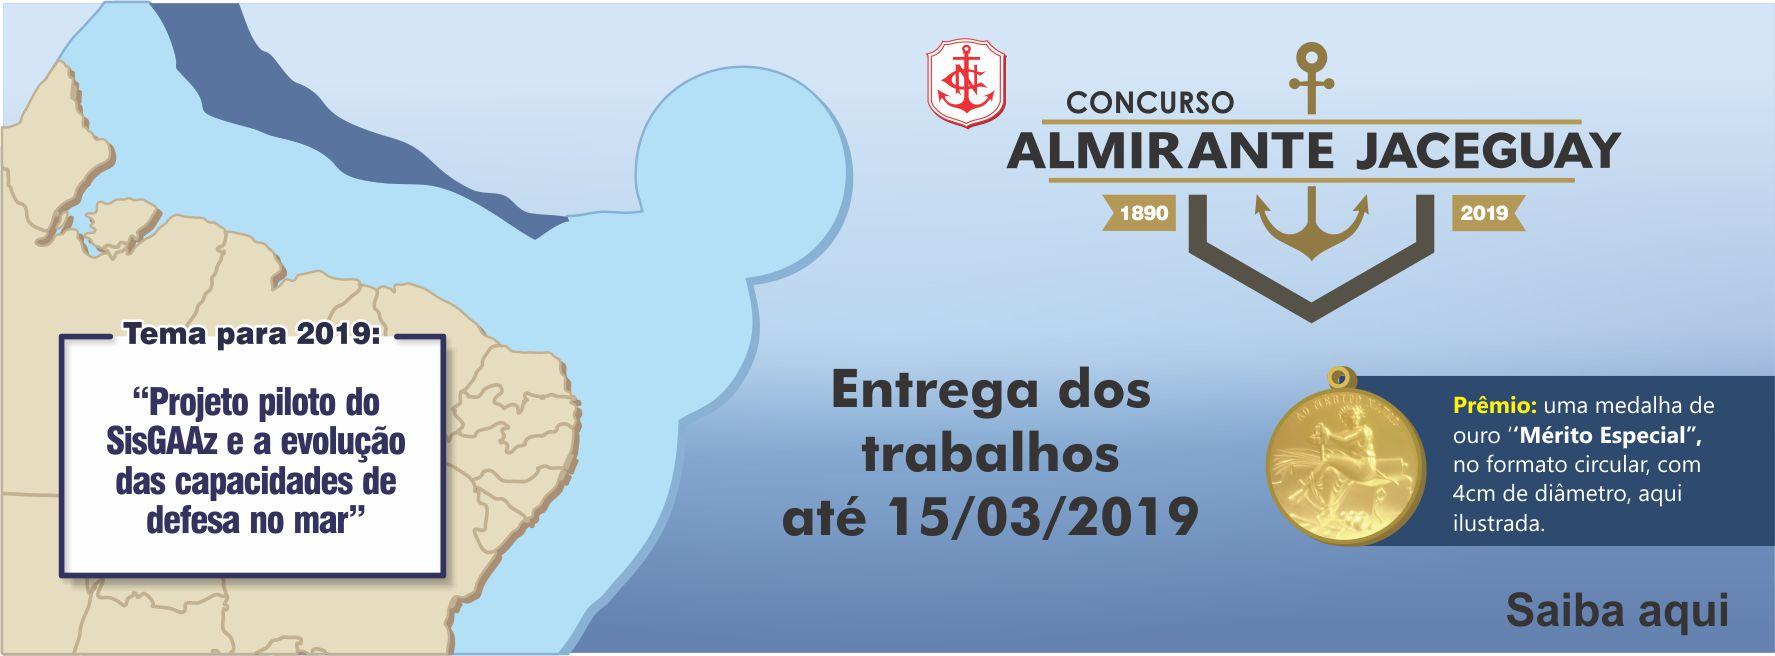 https://www.clubenaval.org.br/novo/concurso-almirante-jaceguay-2019